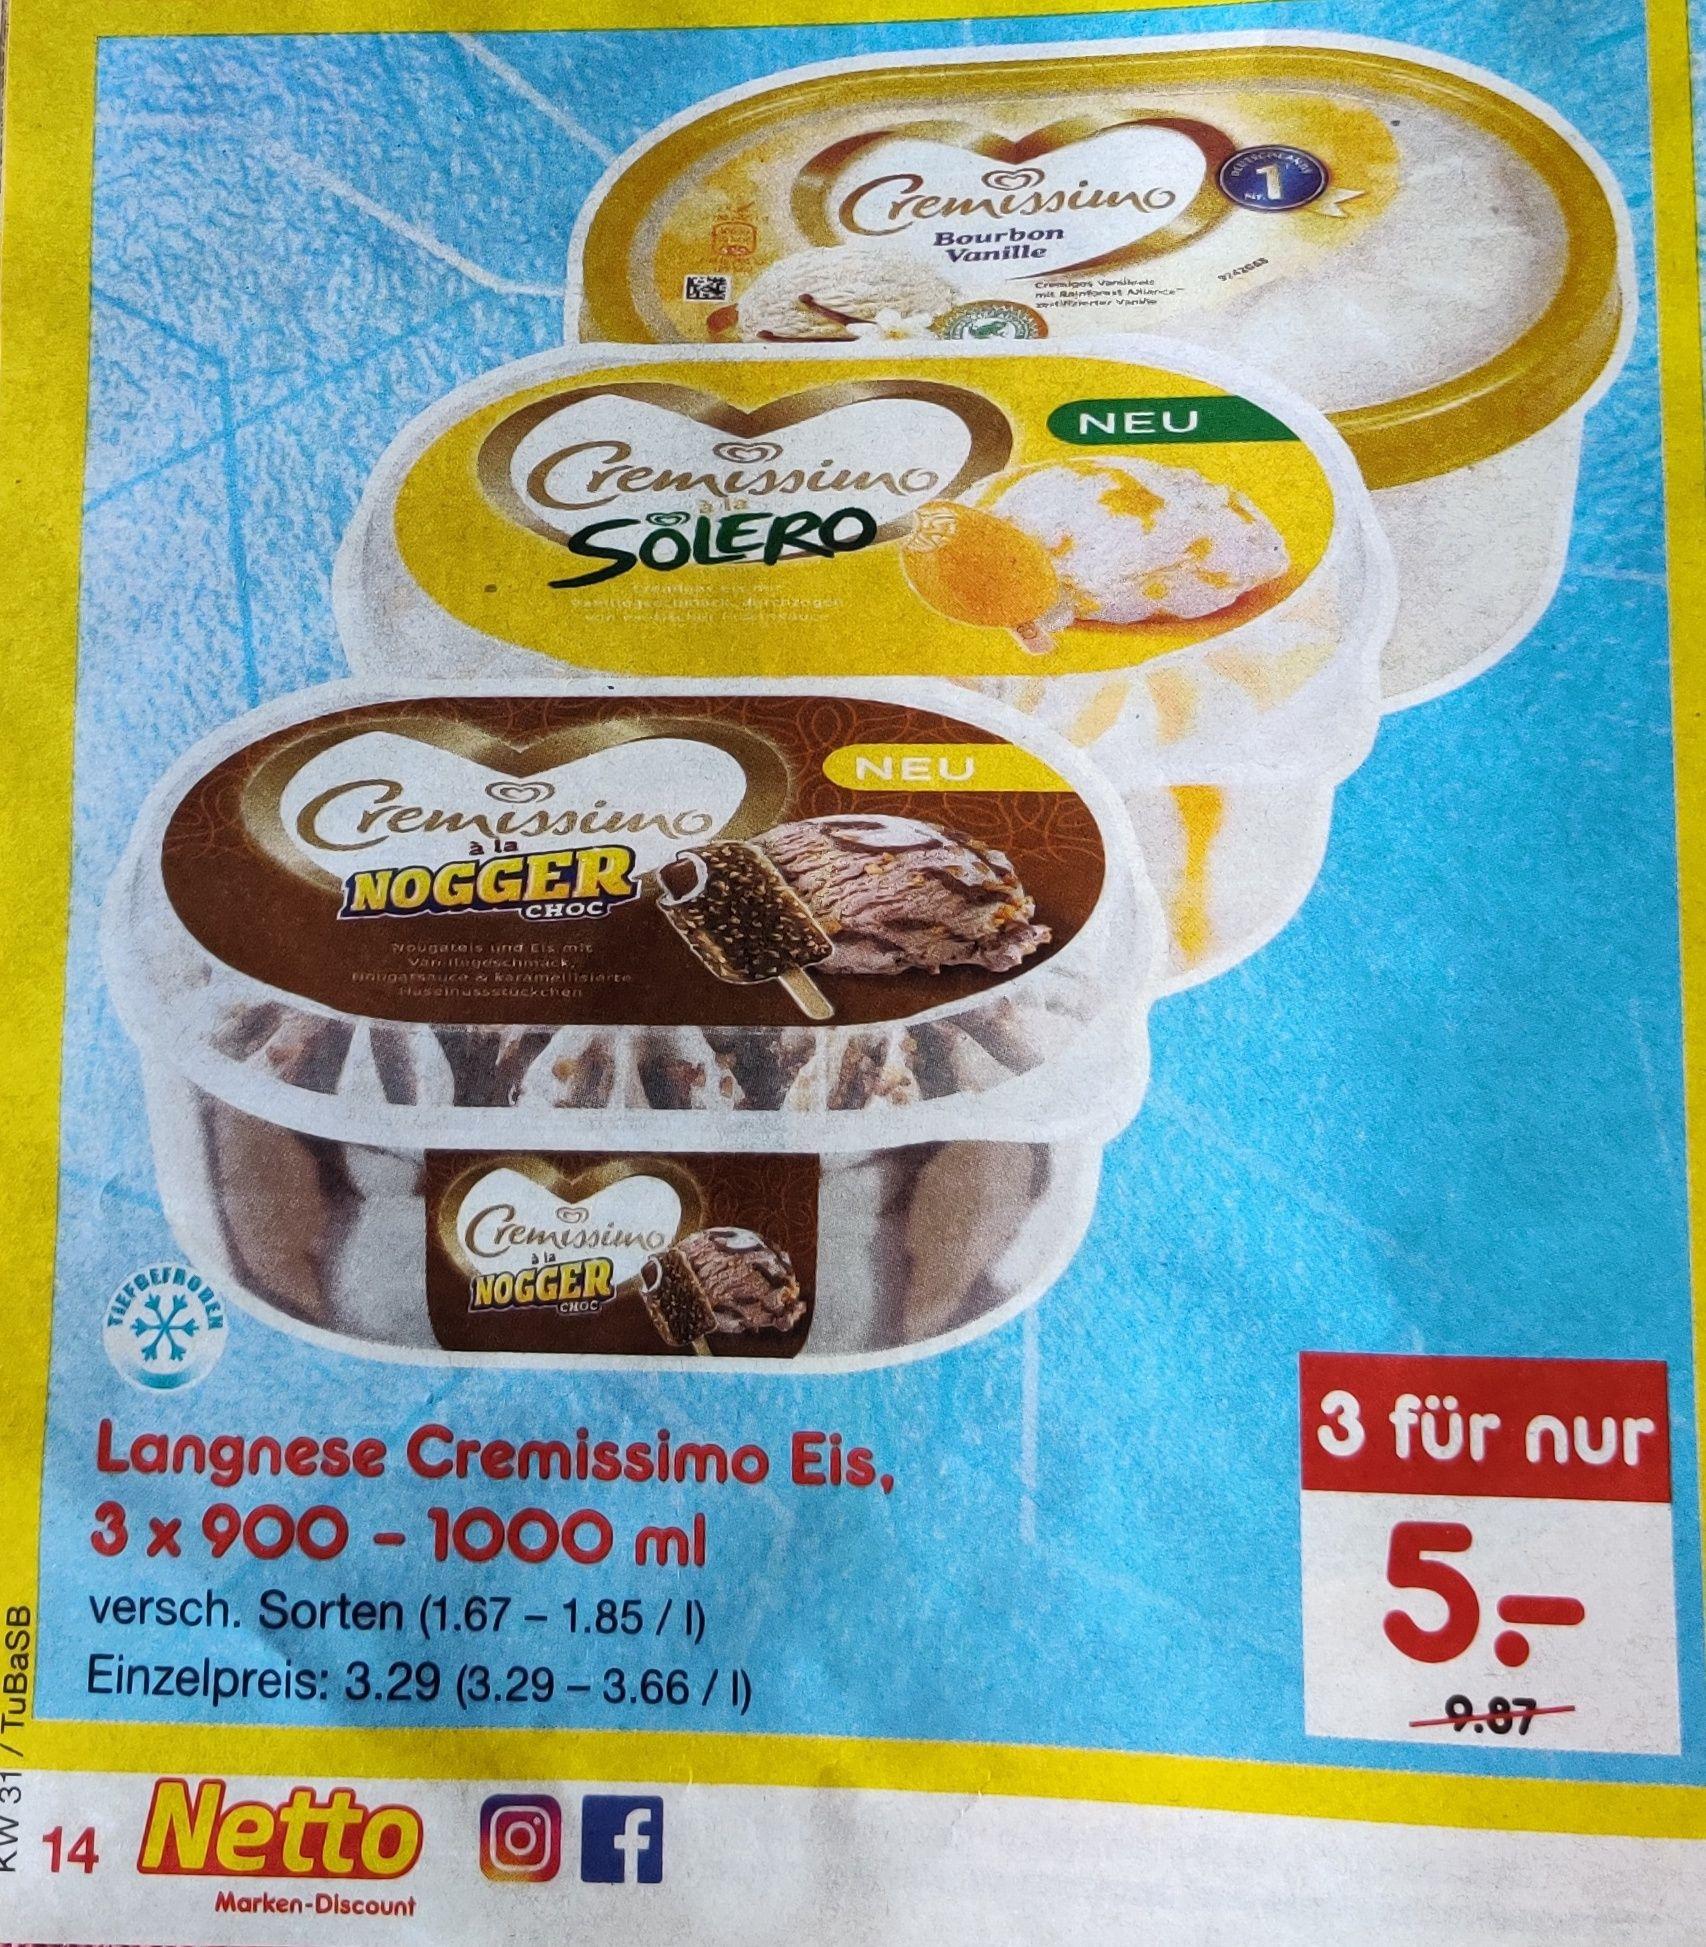 Langnese Cremissimo Eis - eff. 1,66/Packung (versch. Sorten) Netto MD